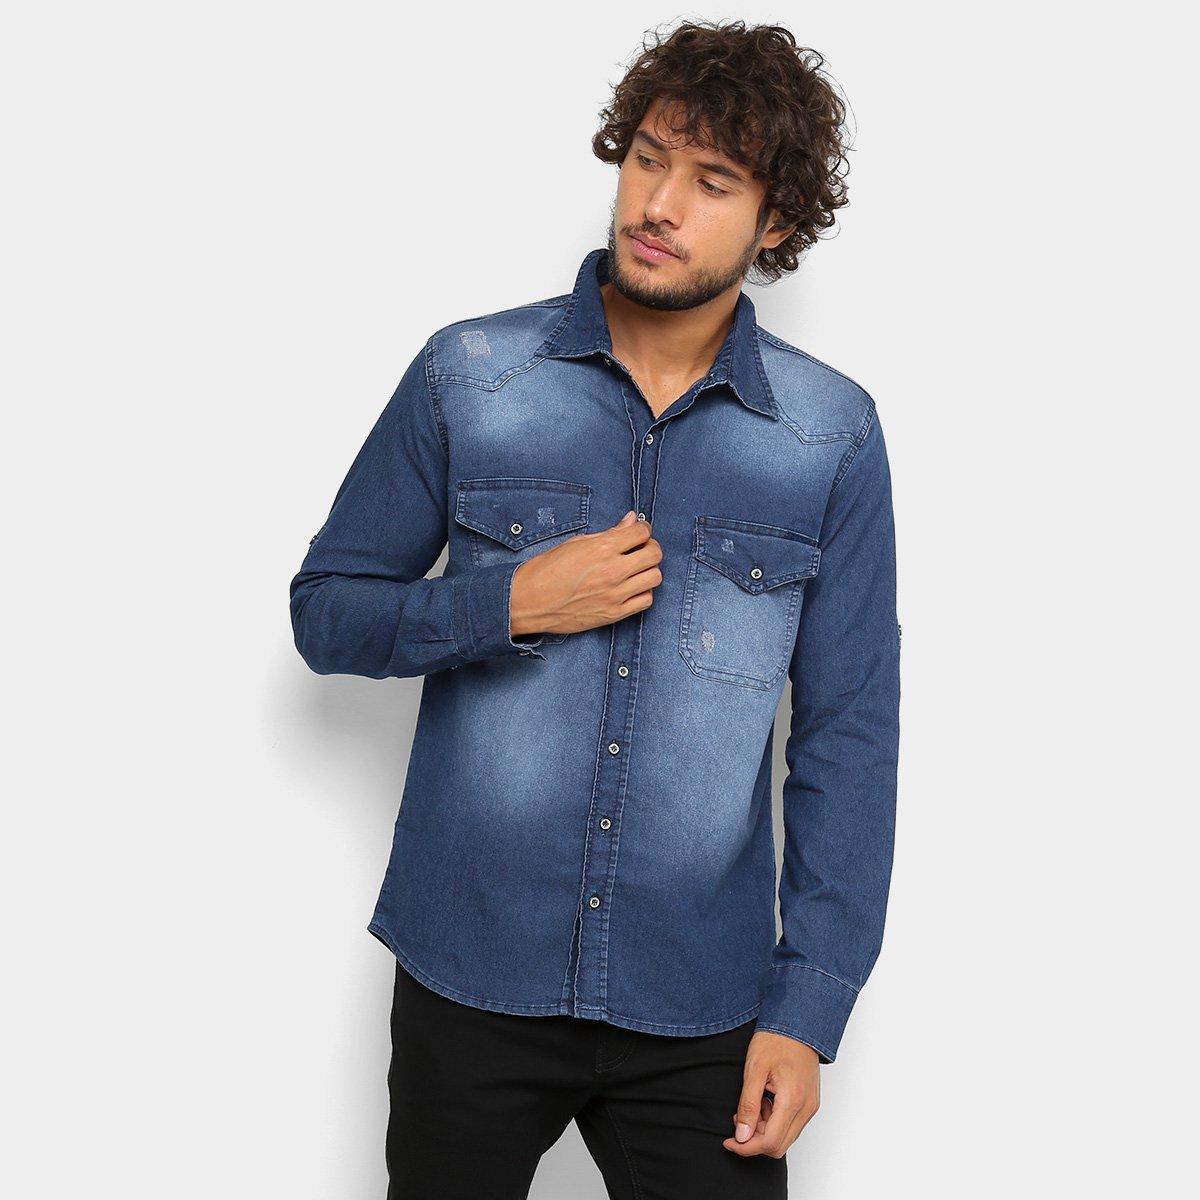 003fd2b00 Camisa Jeans Zune Manga Longa Masculina